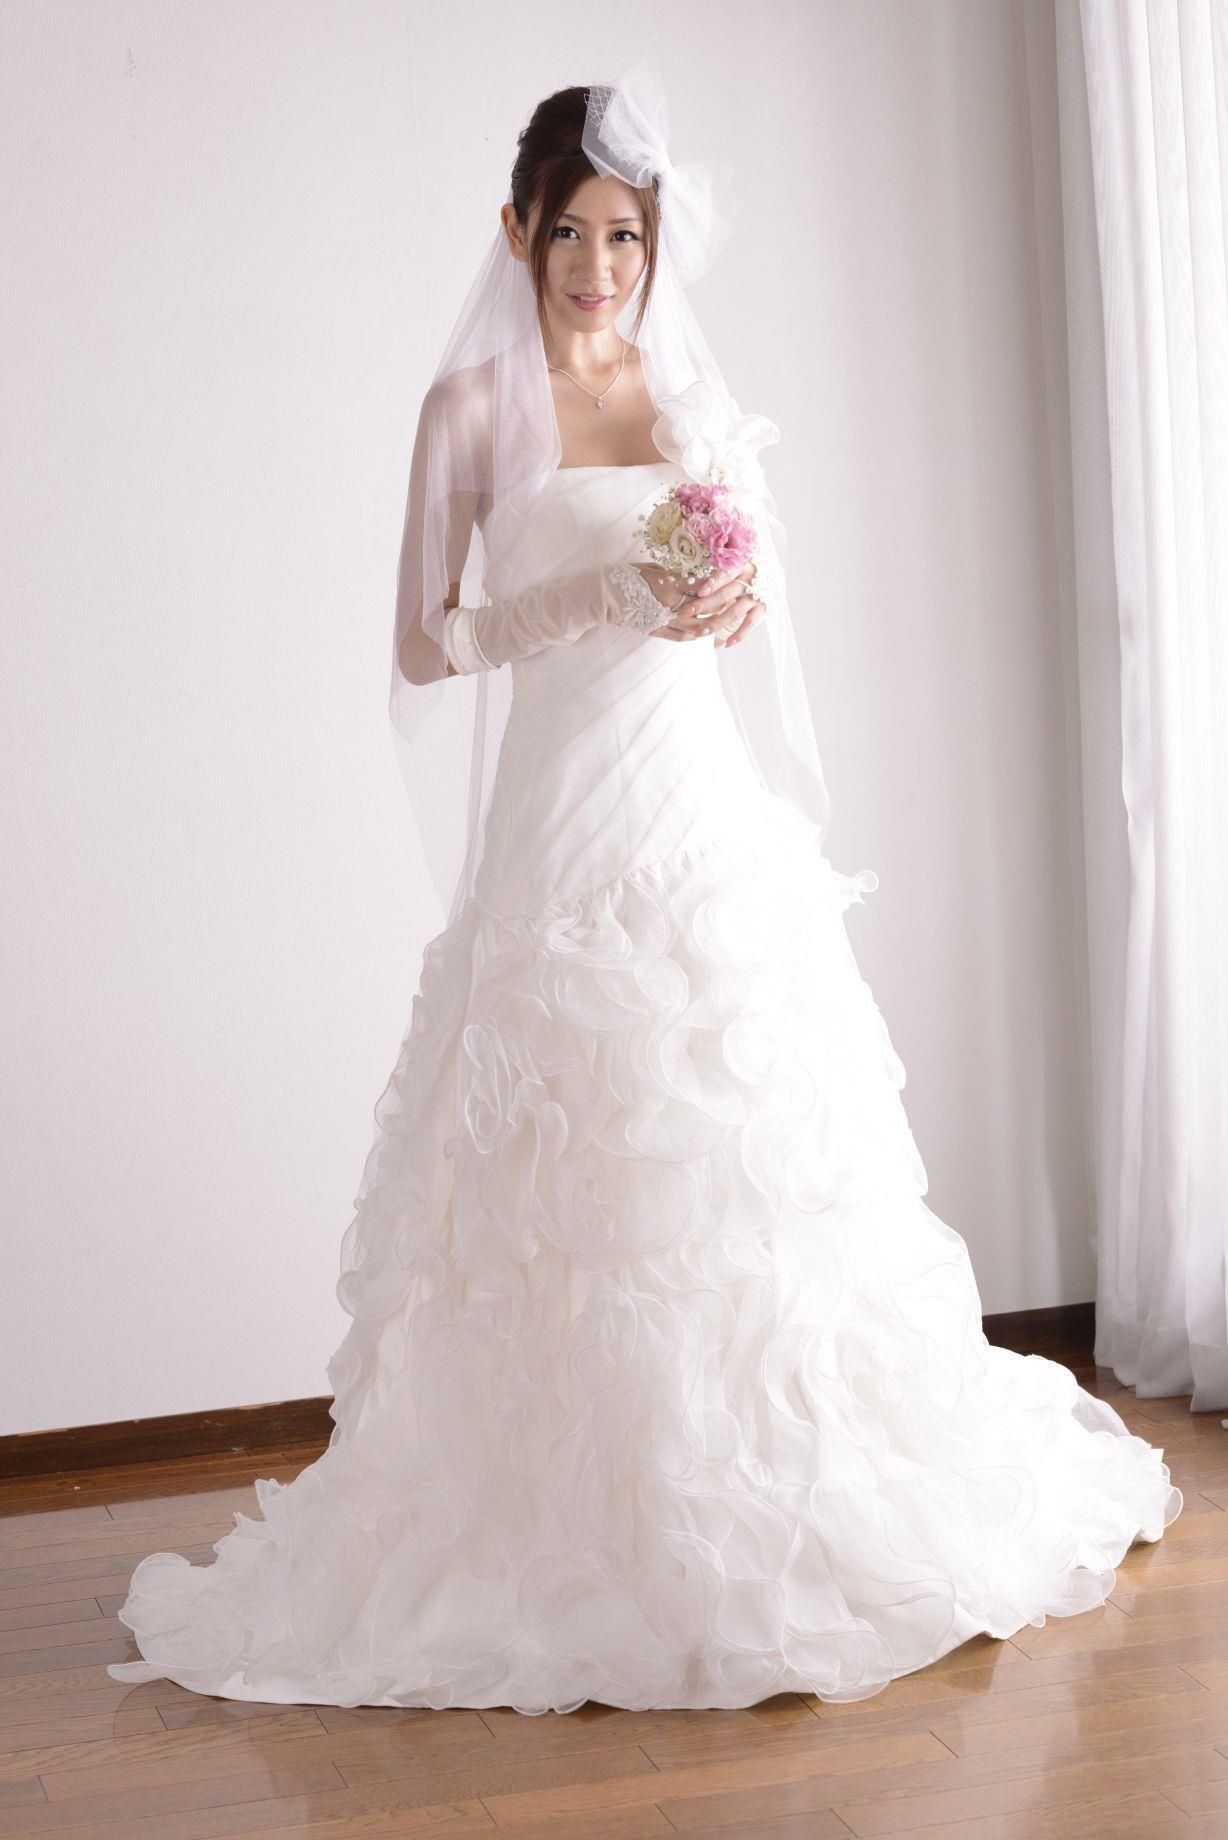 前田かおり ウェディングドレス画像 8